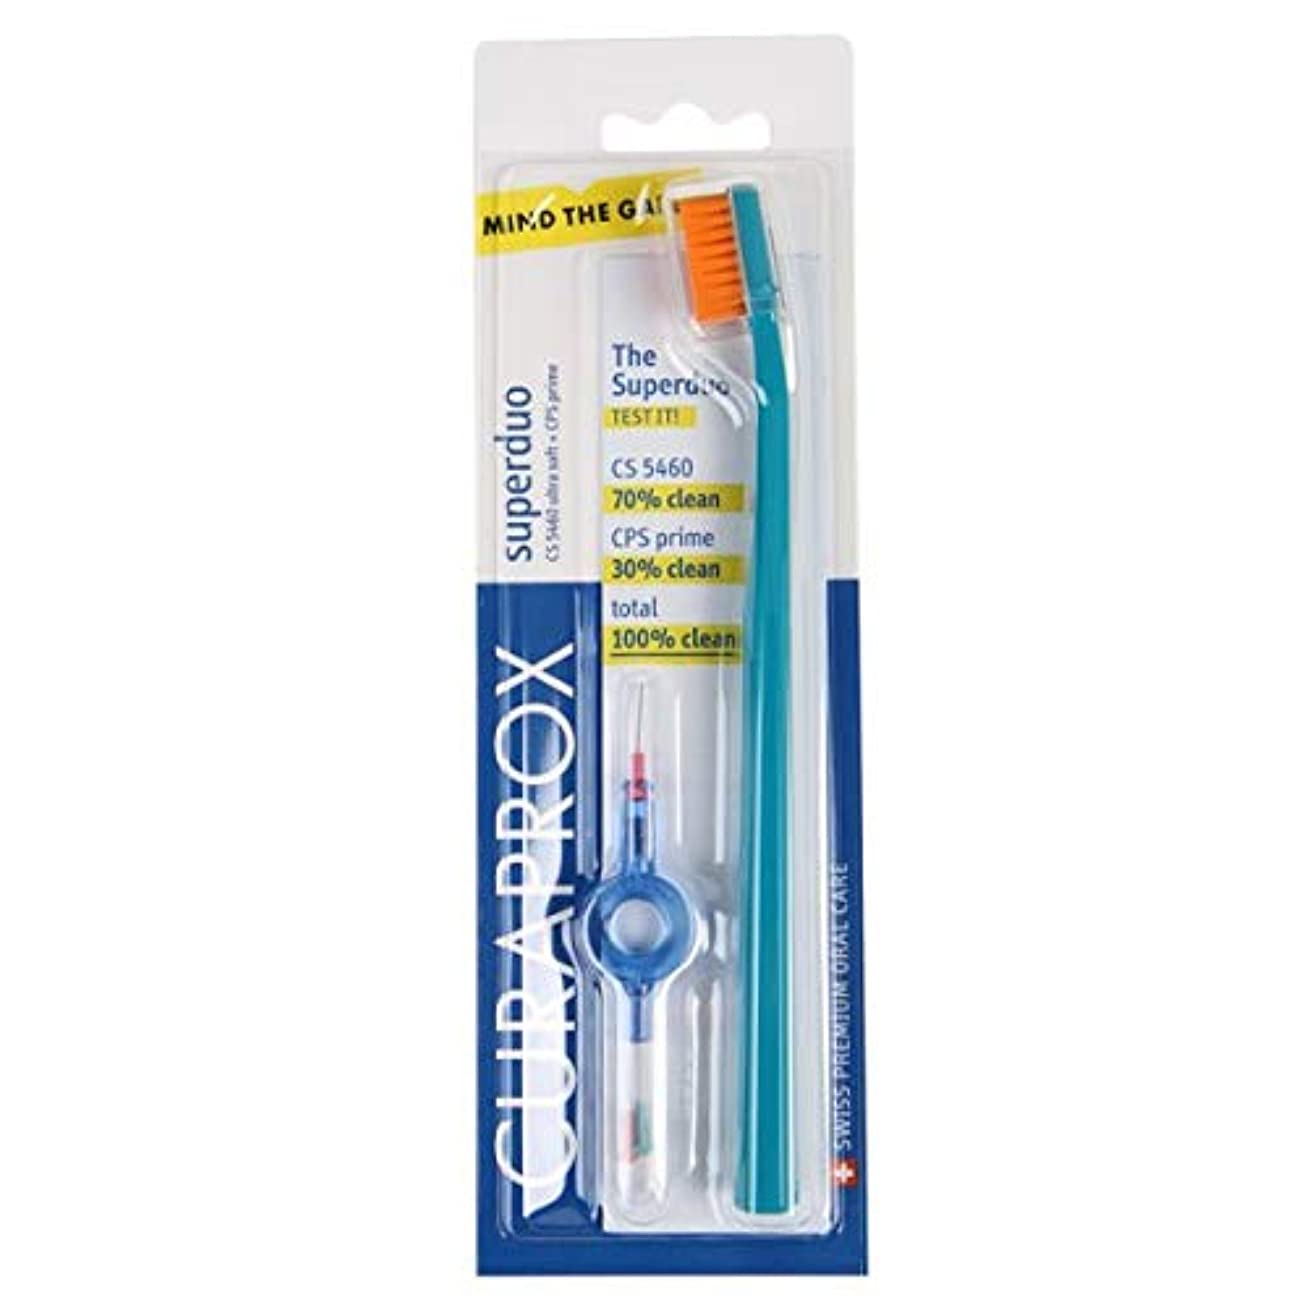 差し控える師匠時代クラプロックス 歯ブラシ+歯間ブラシ セット CS 5460 + CPS 06/07/08, UHS 409 holder + cap